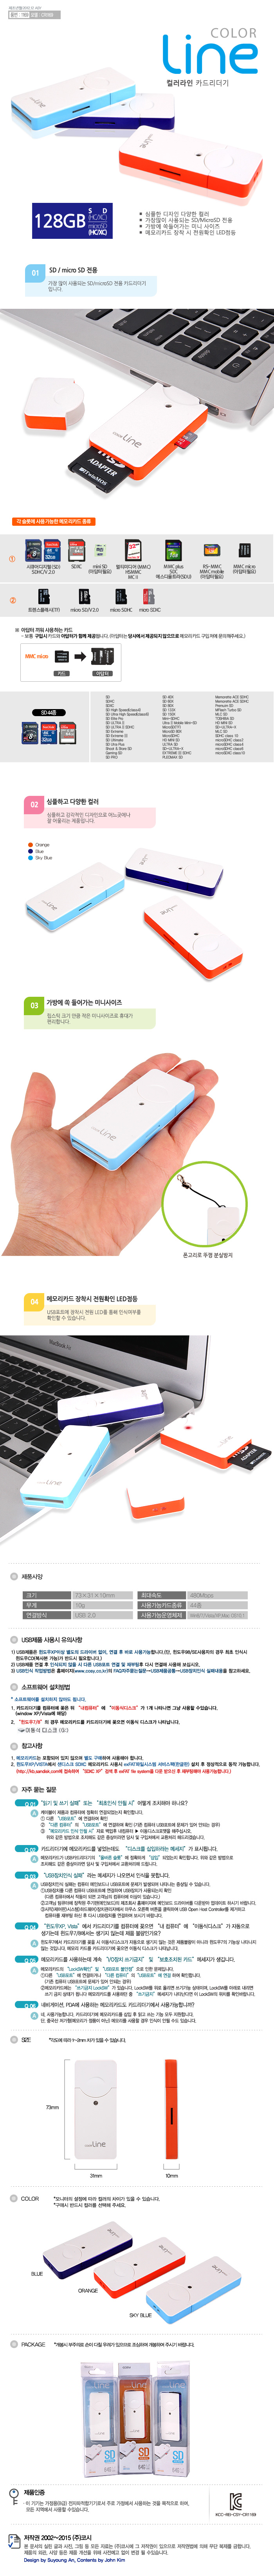 컬러라인SD카드리더 - 코시, 11,200원, USB제품, USB 메모리 카드리더기